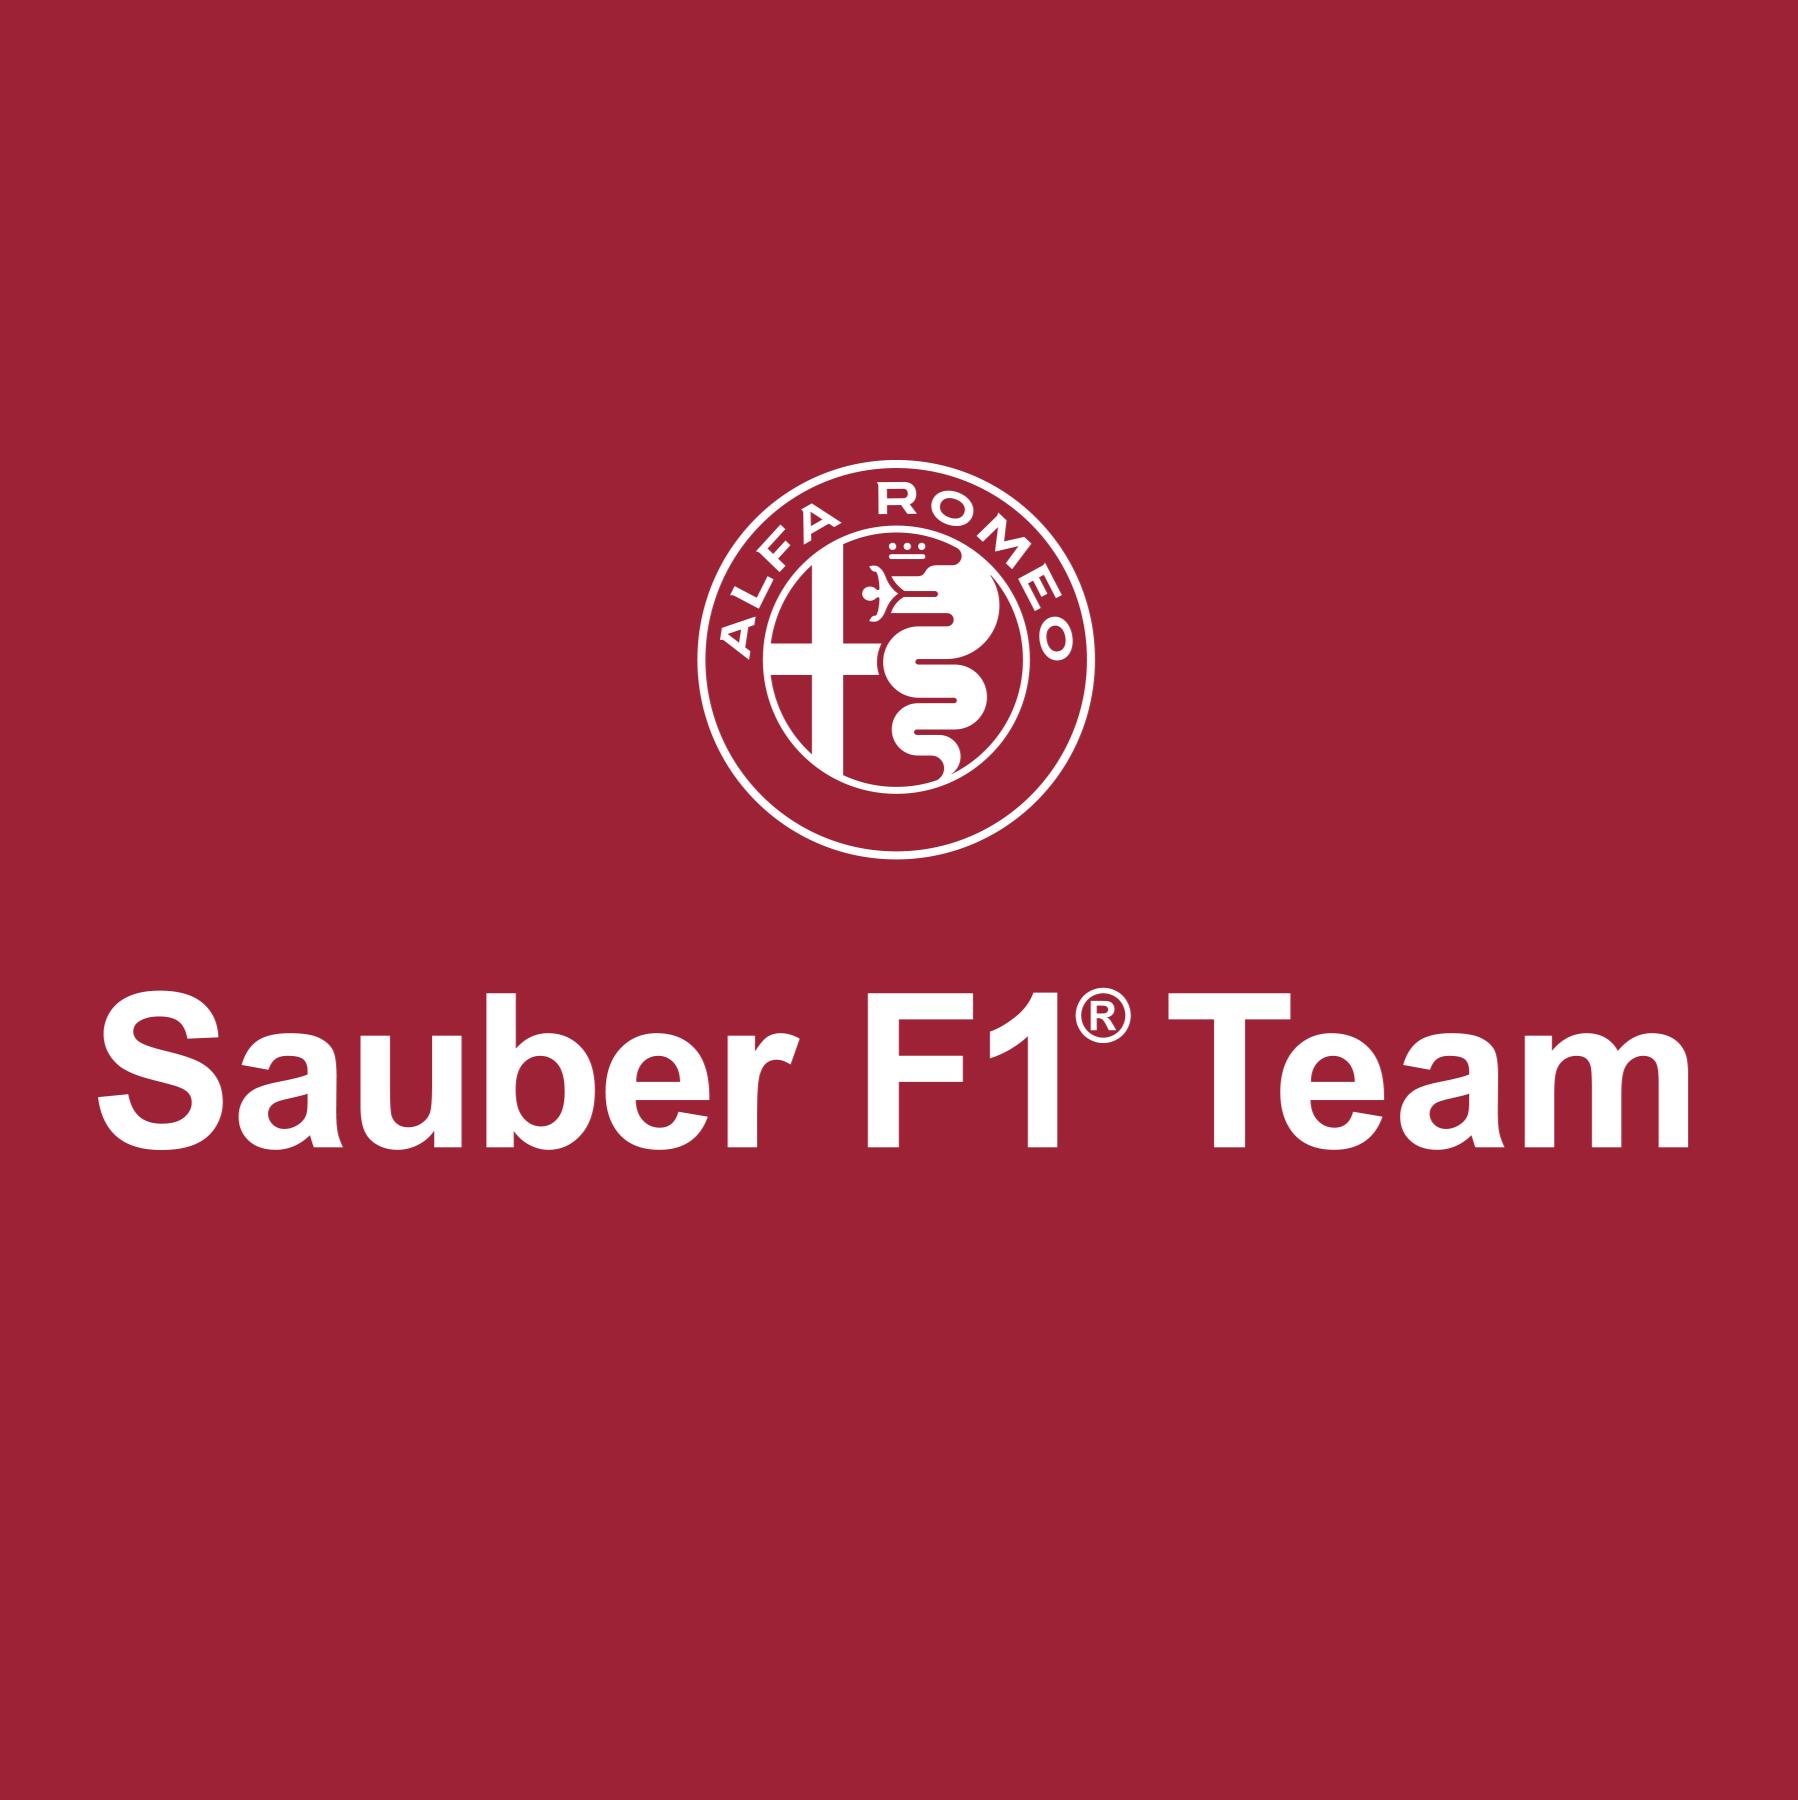 Logo_Alfa_Romeo_Sauber_F1_Team.png